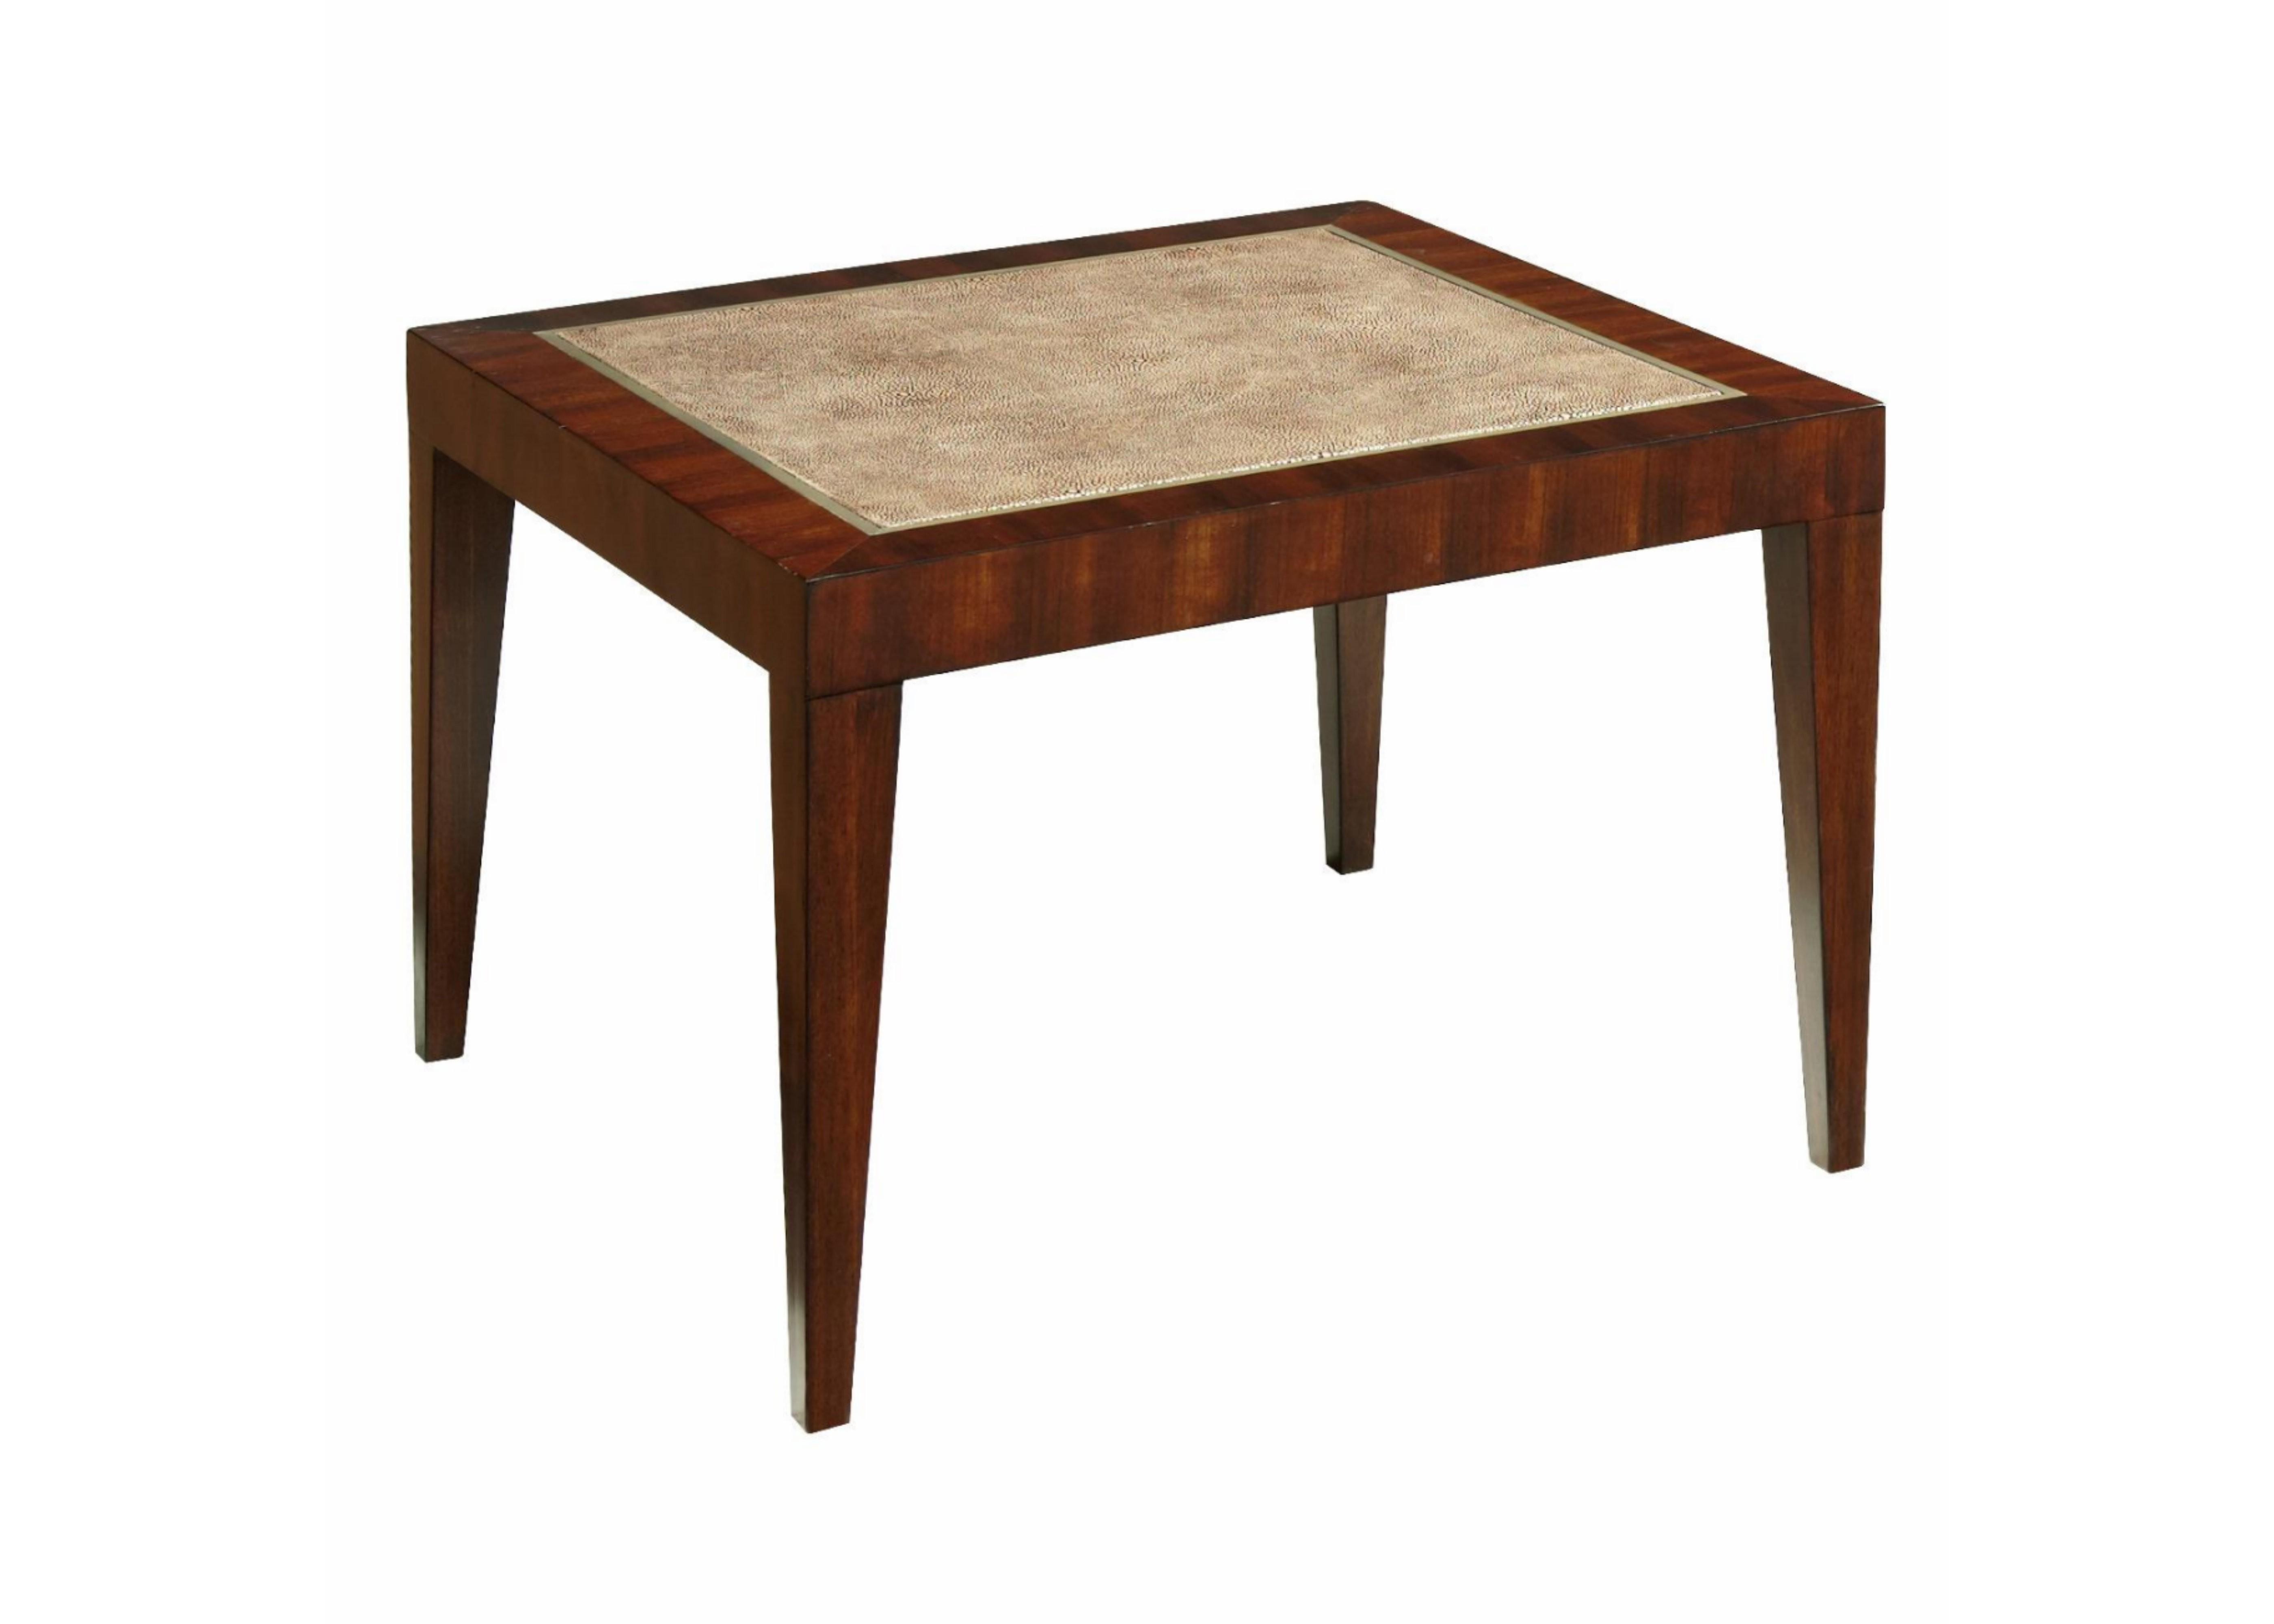 Стол под лампуЖурнальные столики<br>Поверхность - отделка кожей ската.<br><br>Material: Дерево<br>Width см: 56<br>Depth см: 56<br>Height см: 38